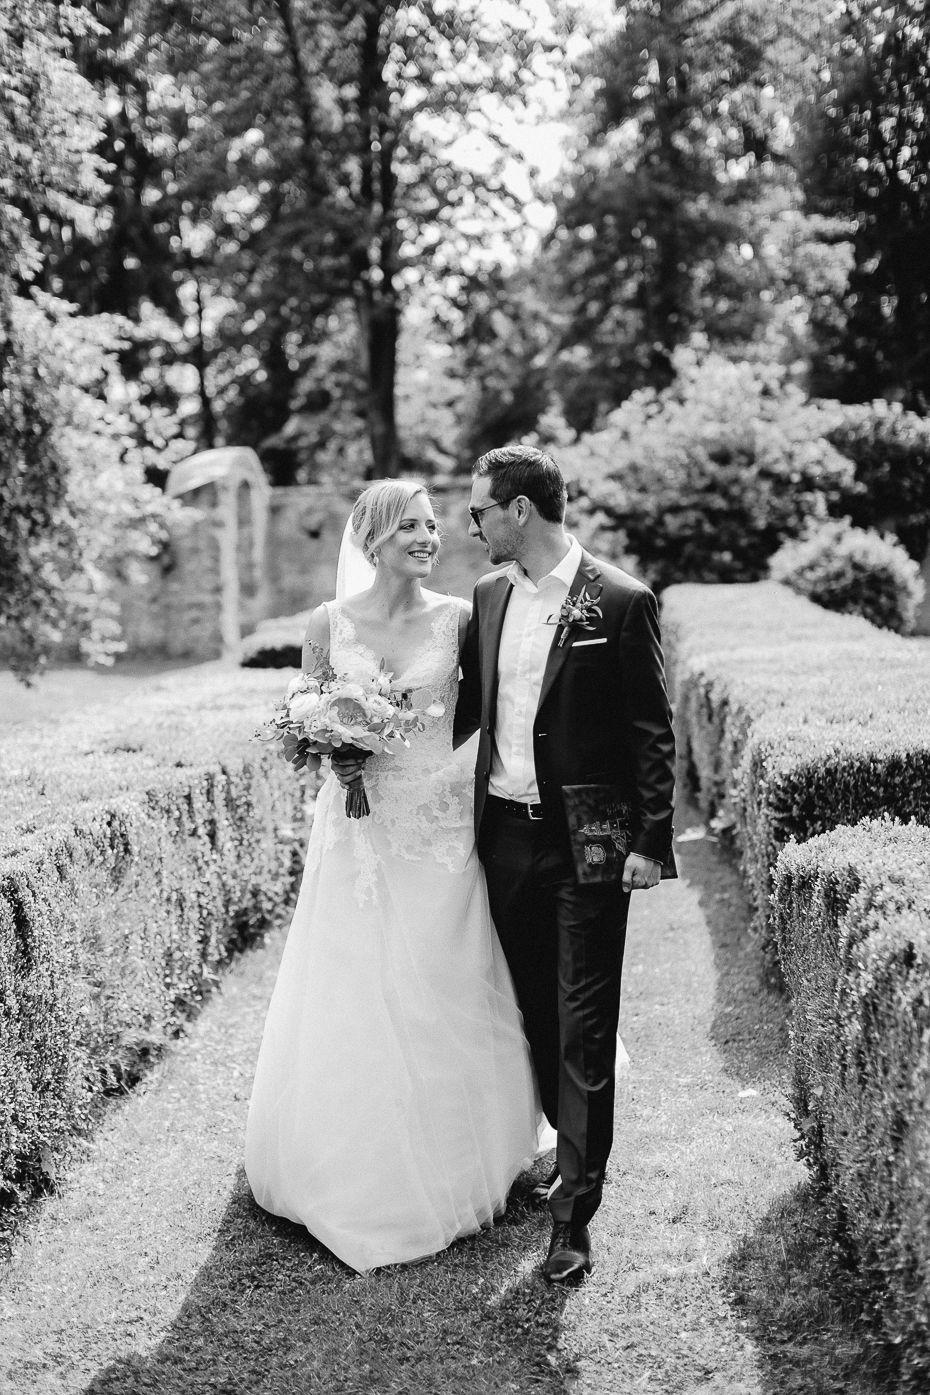 Michaela+Patrick - MP-Hochzeit-Schloss-Walpersdorf-027.jpg